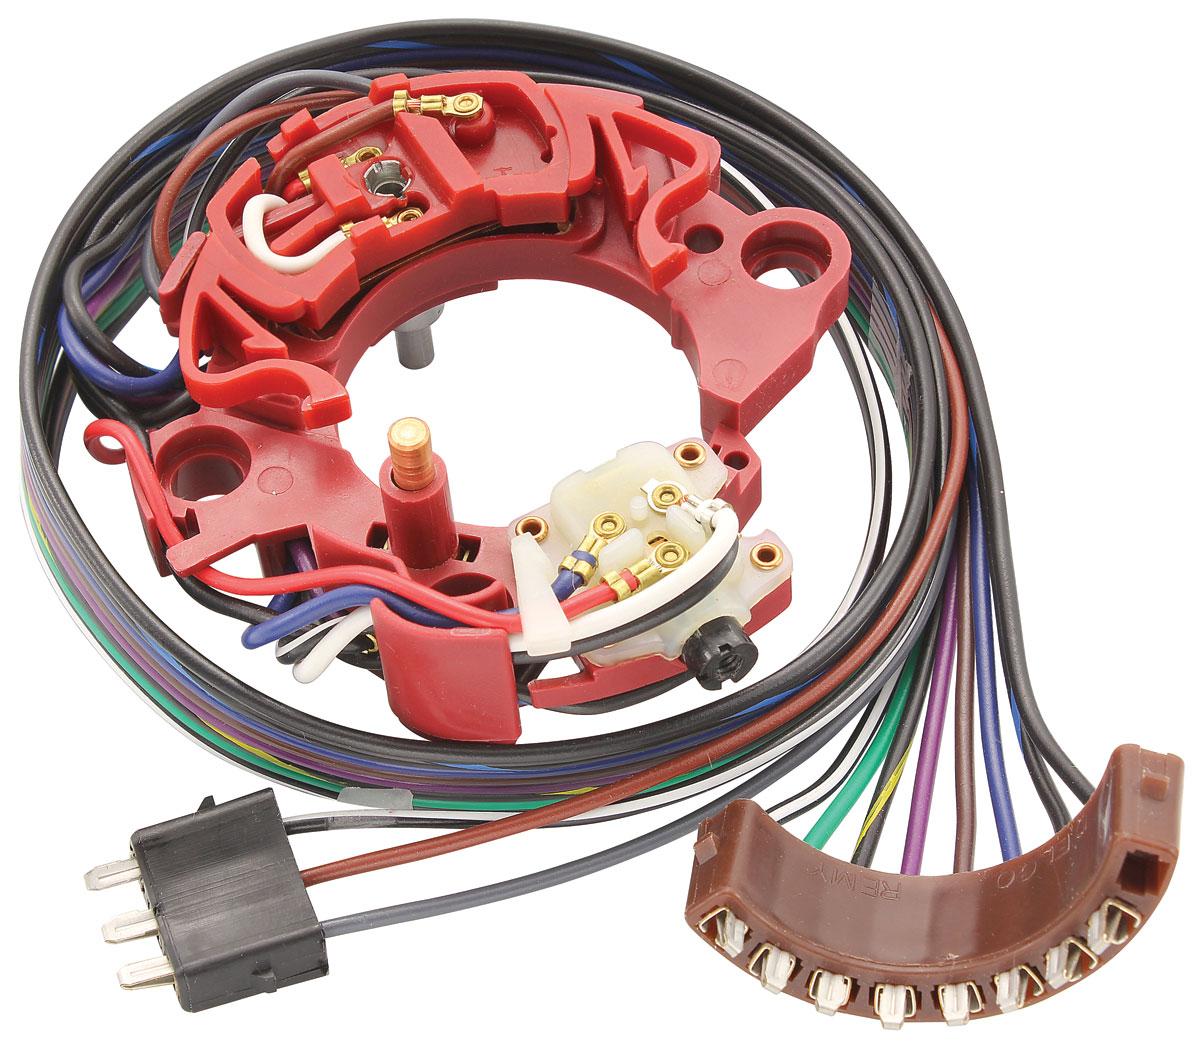 Skylark Turn Signal  U0026 Hazard Light Switch Assembly W